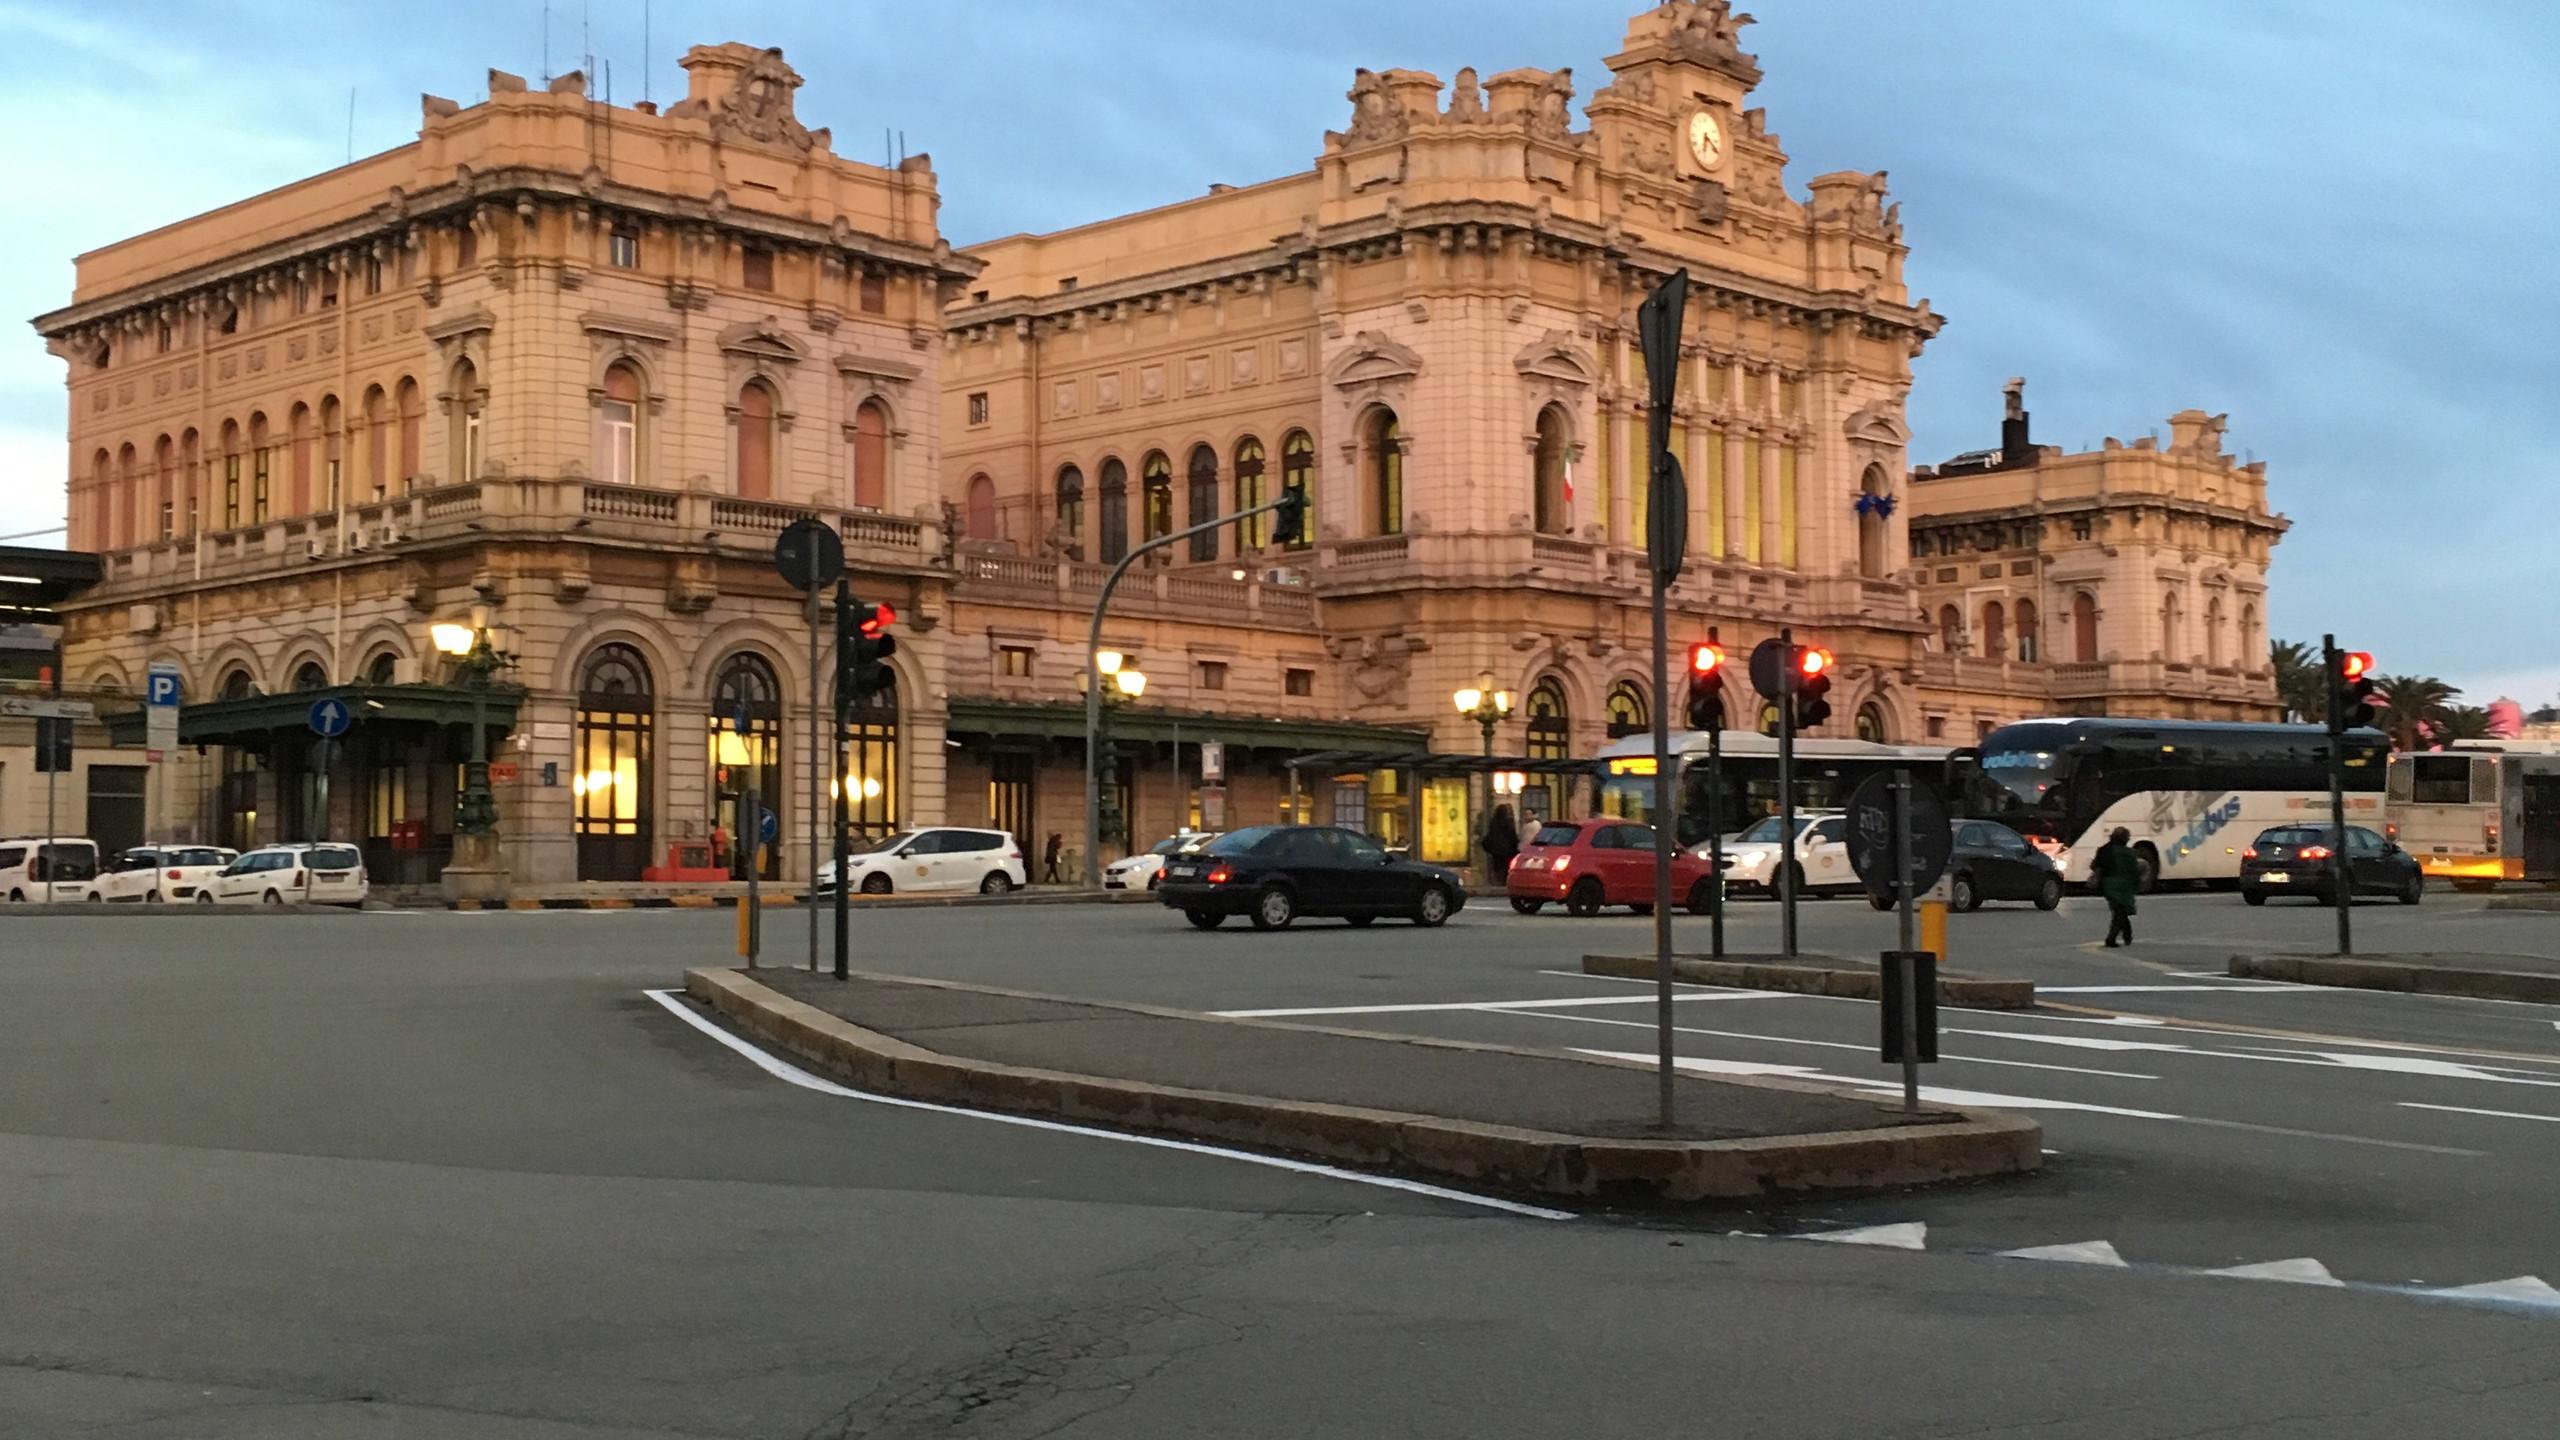 Gare de Brignole